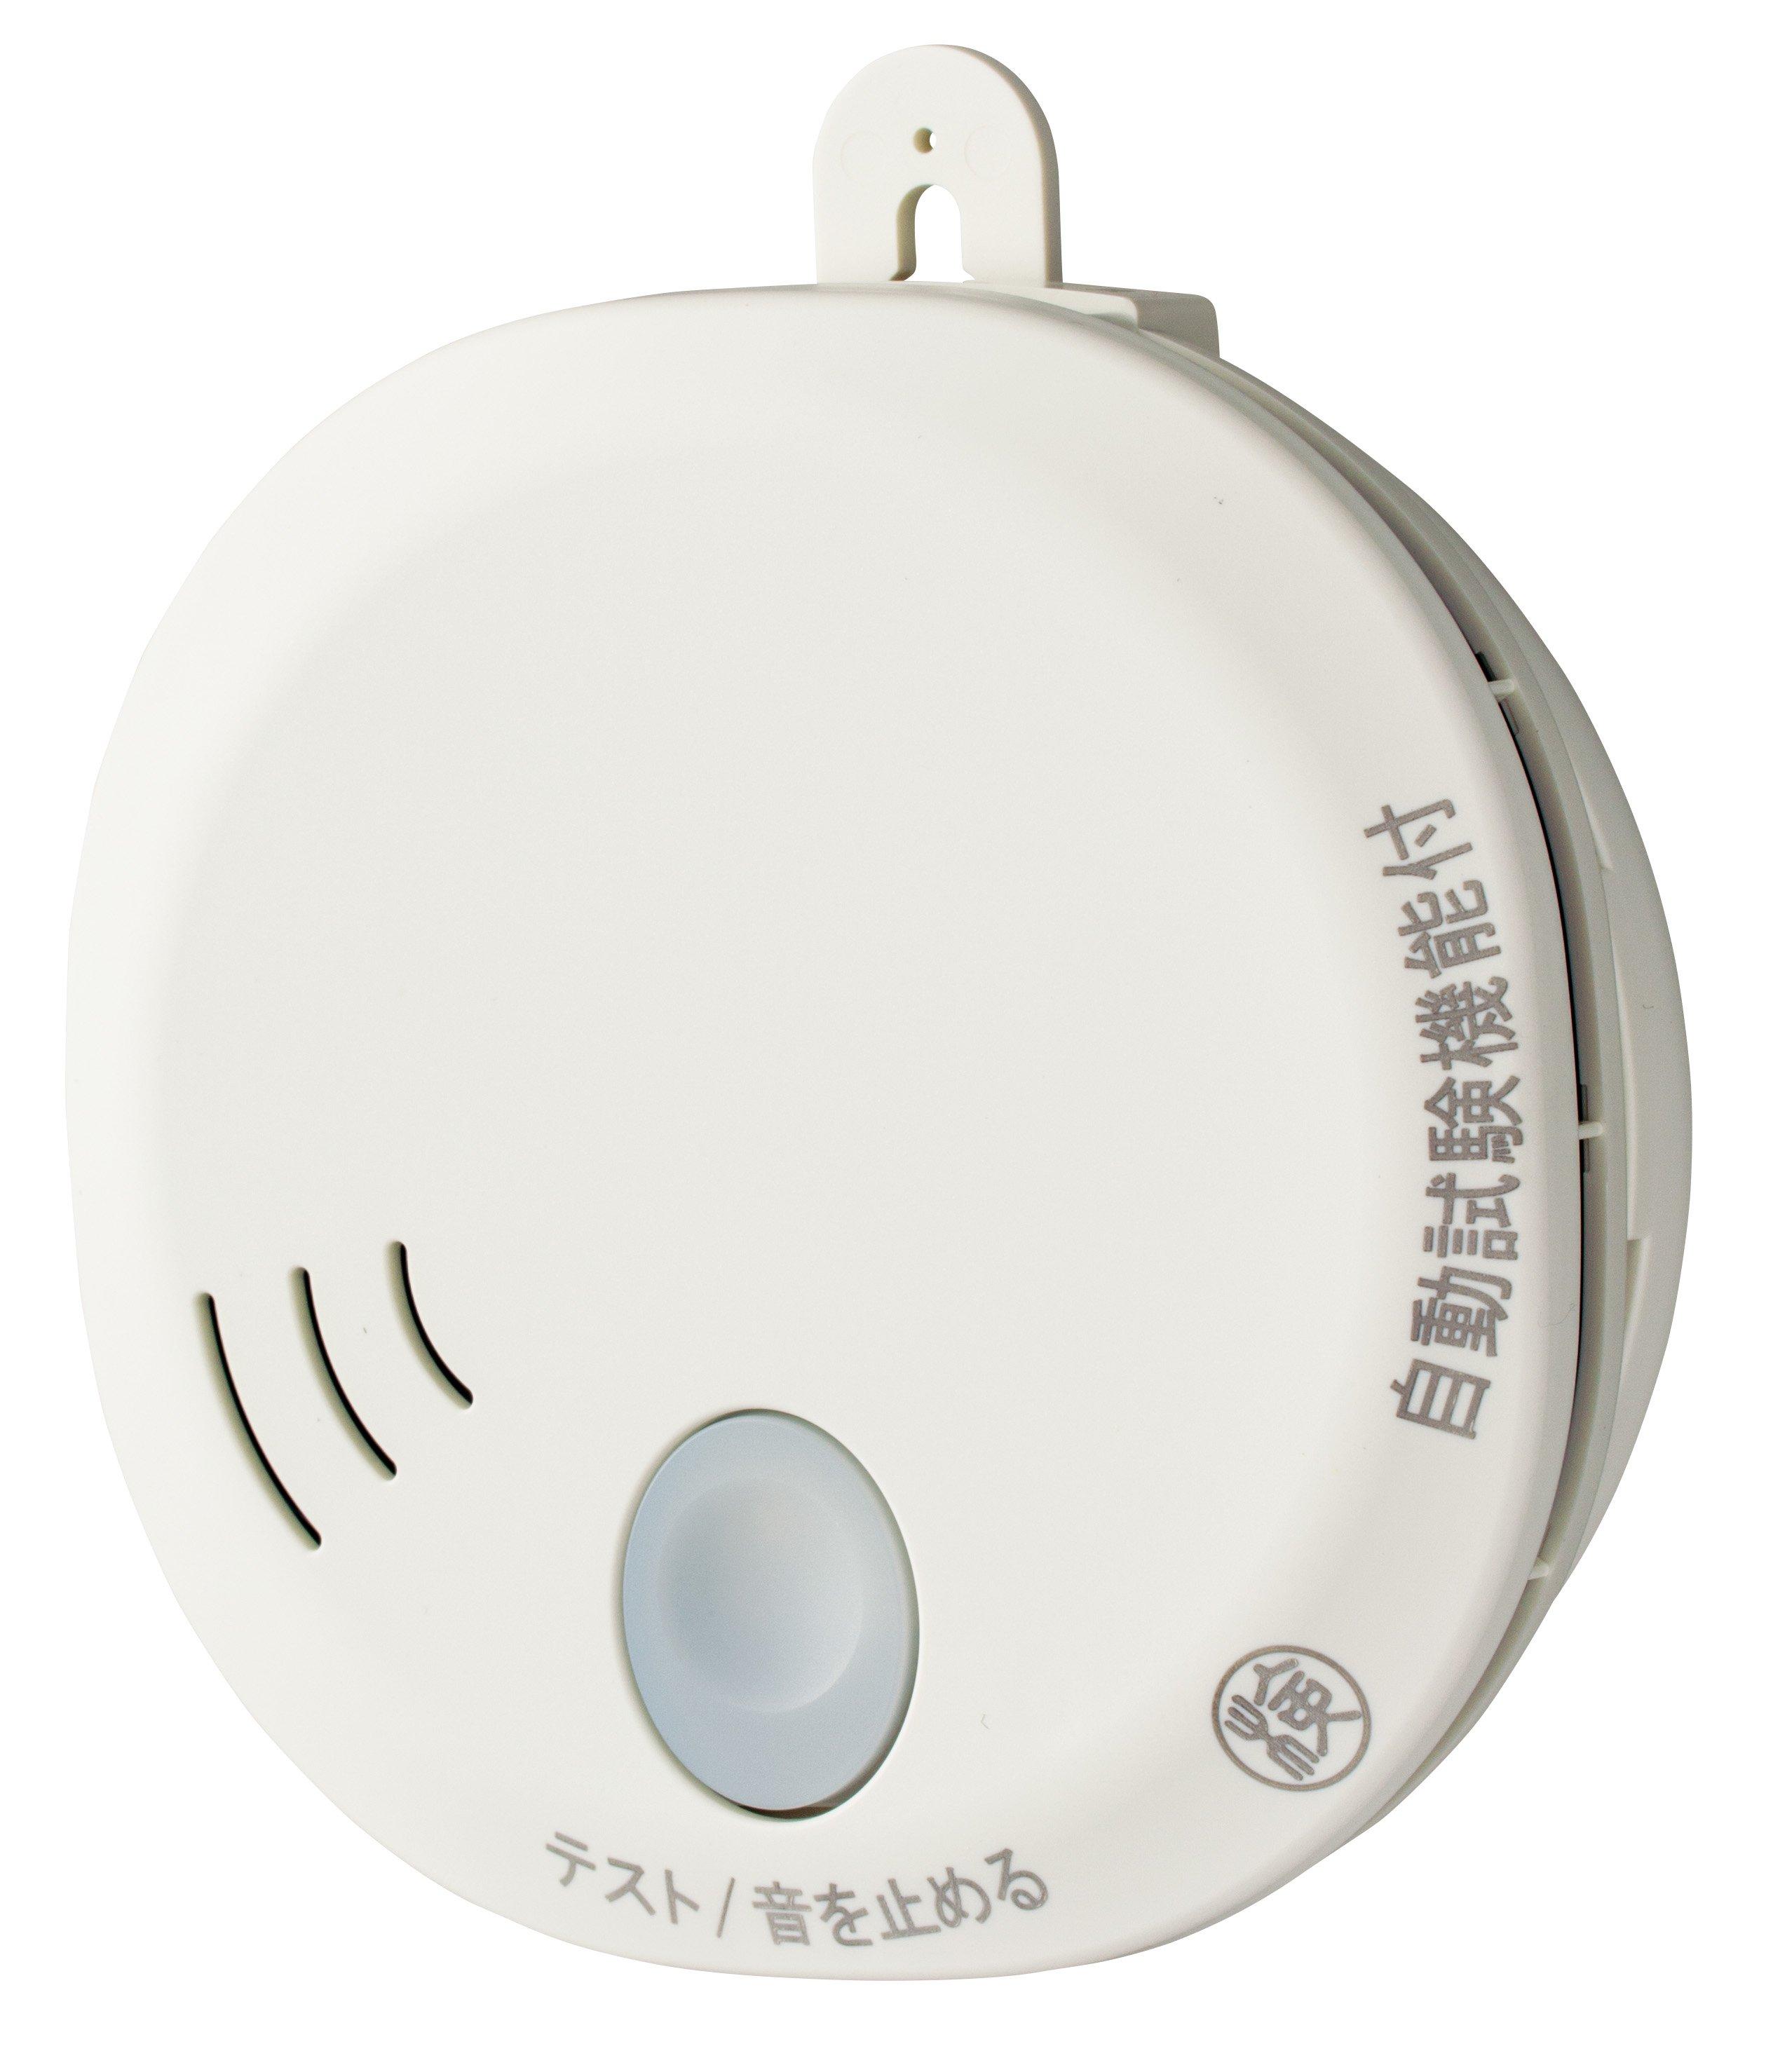 住宅用火災警報器 煙式、音声警報タイプ